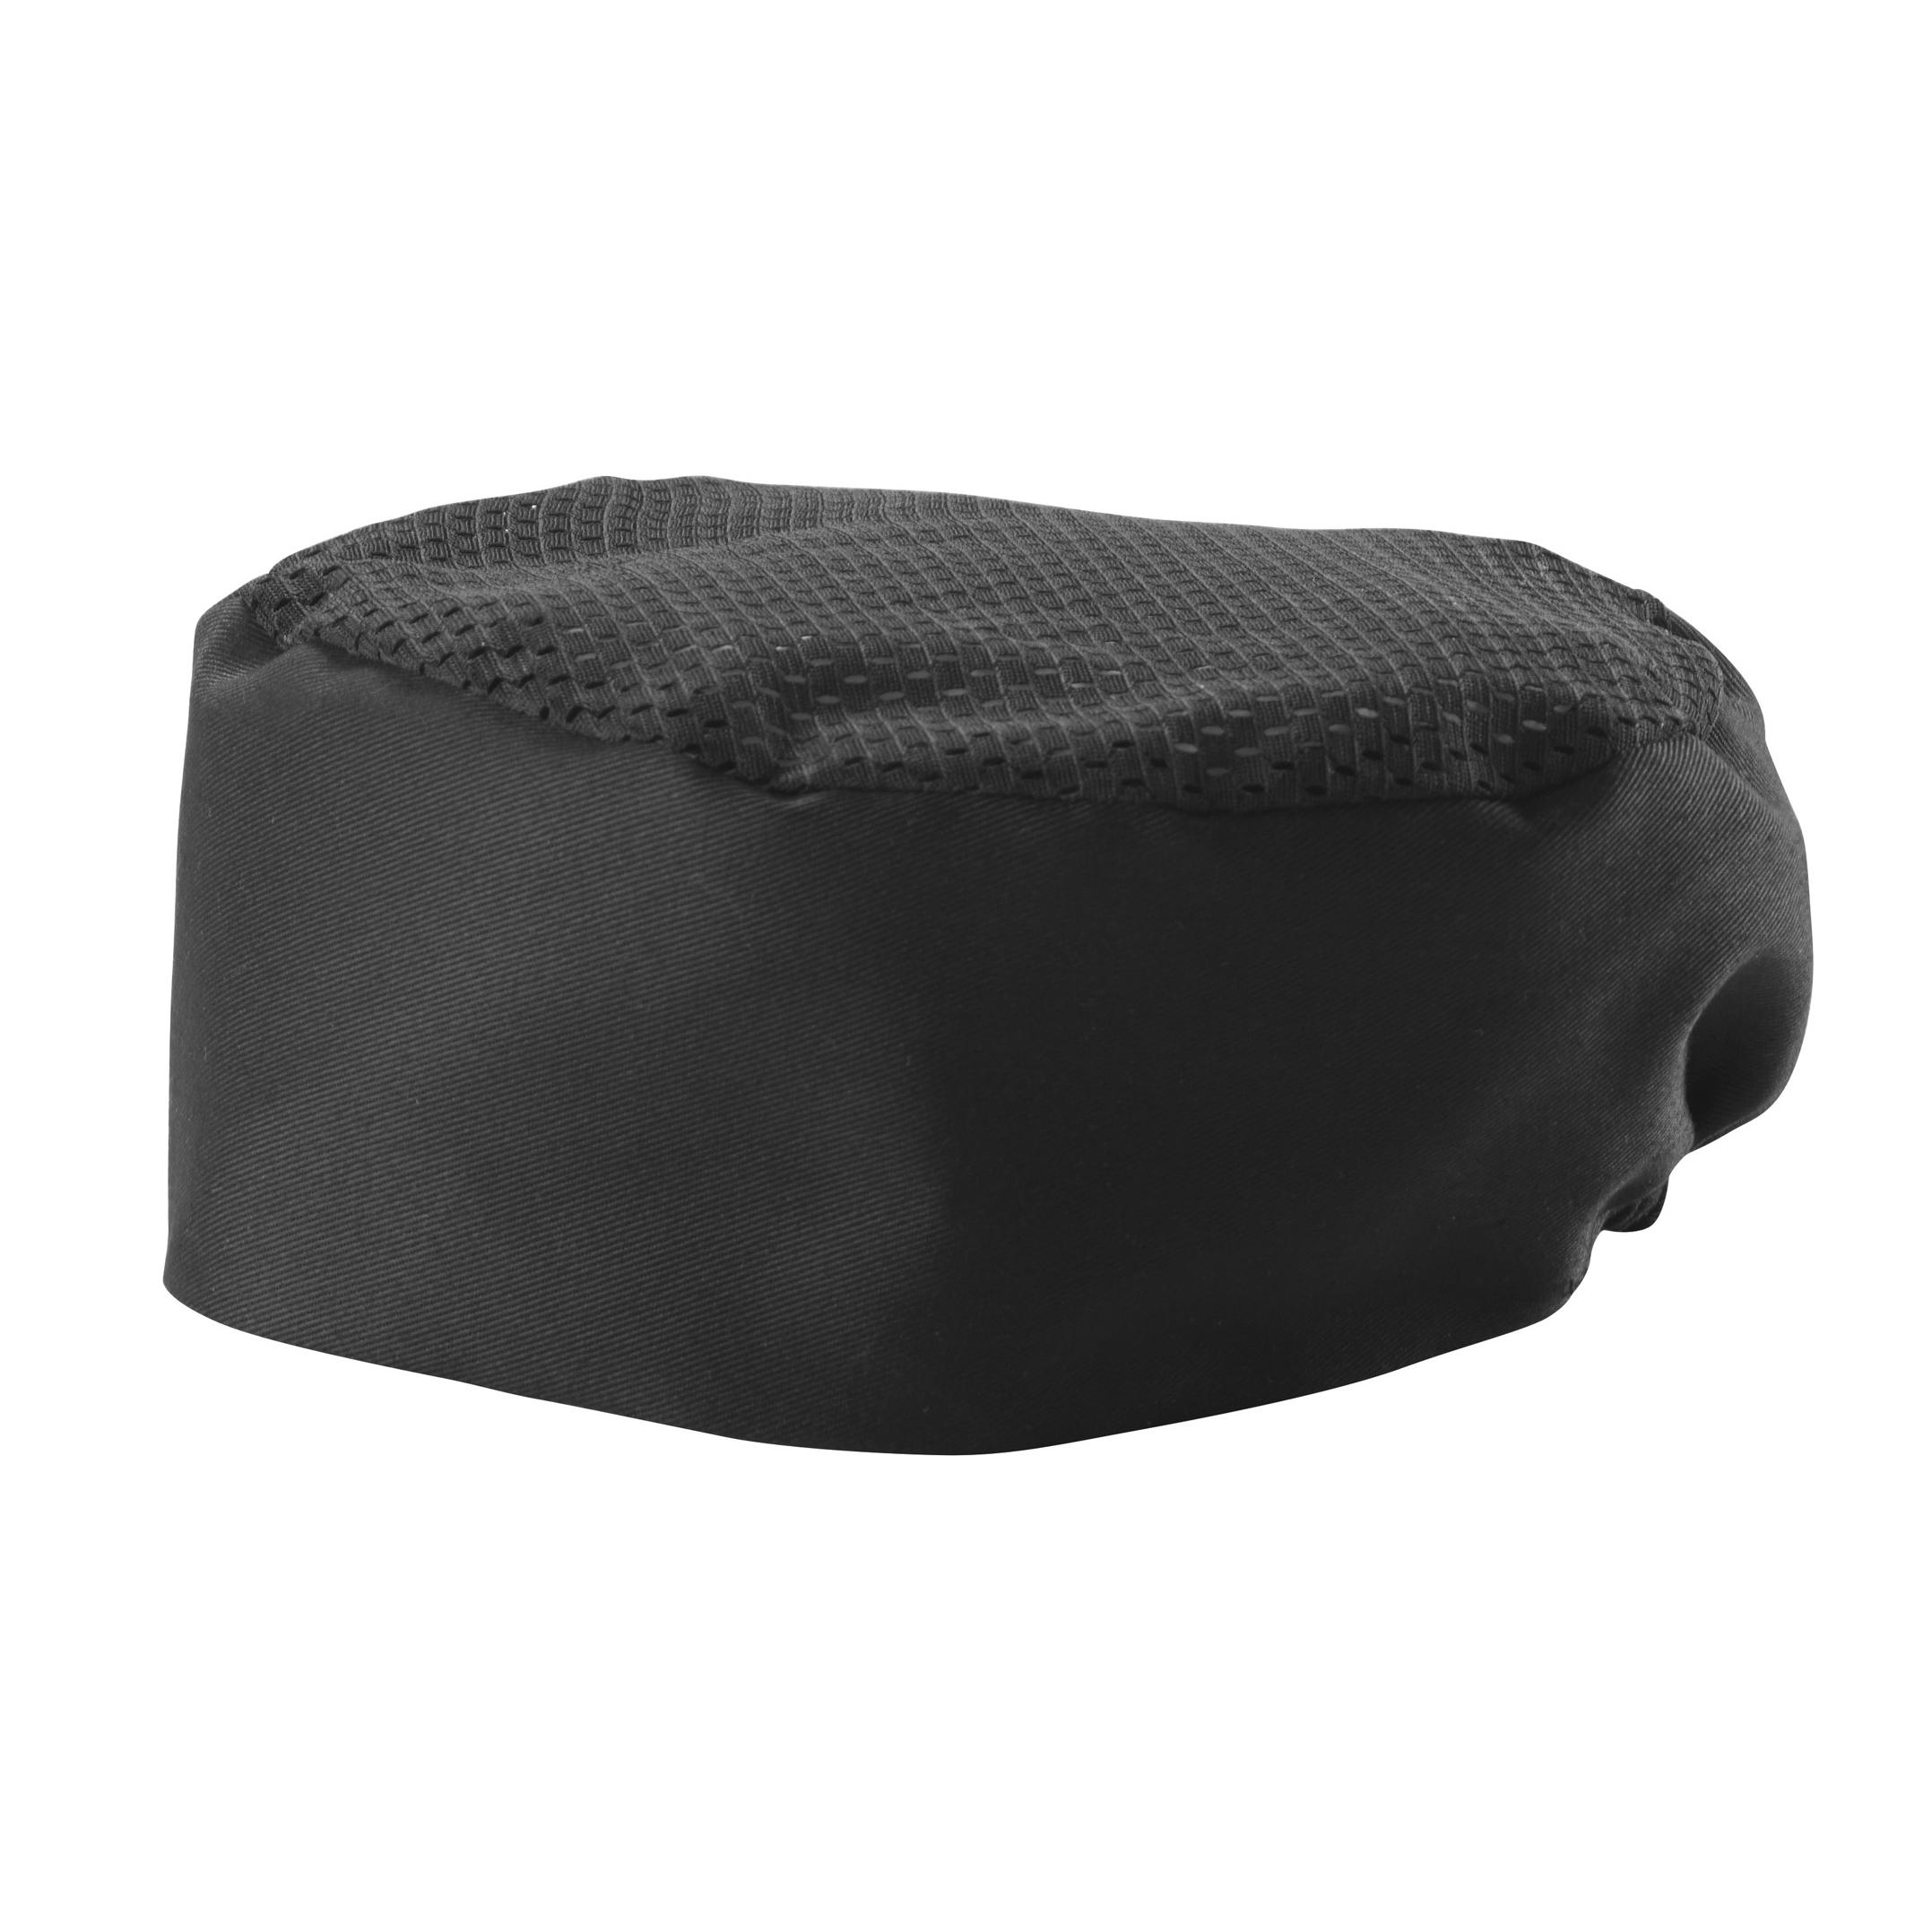 Winco CHPB-3BR chef's hat